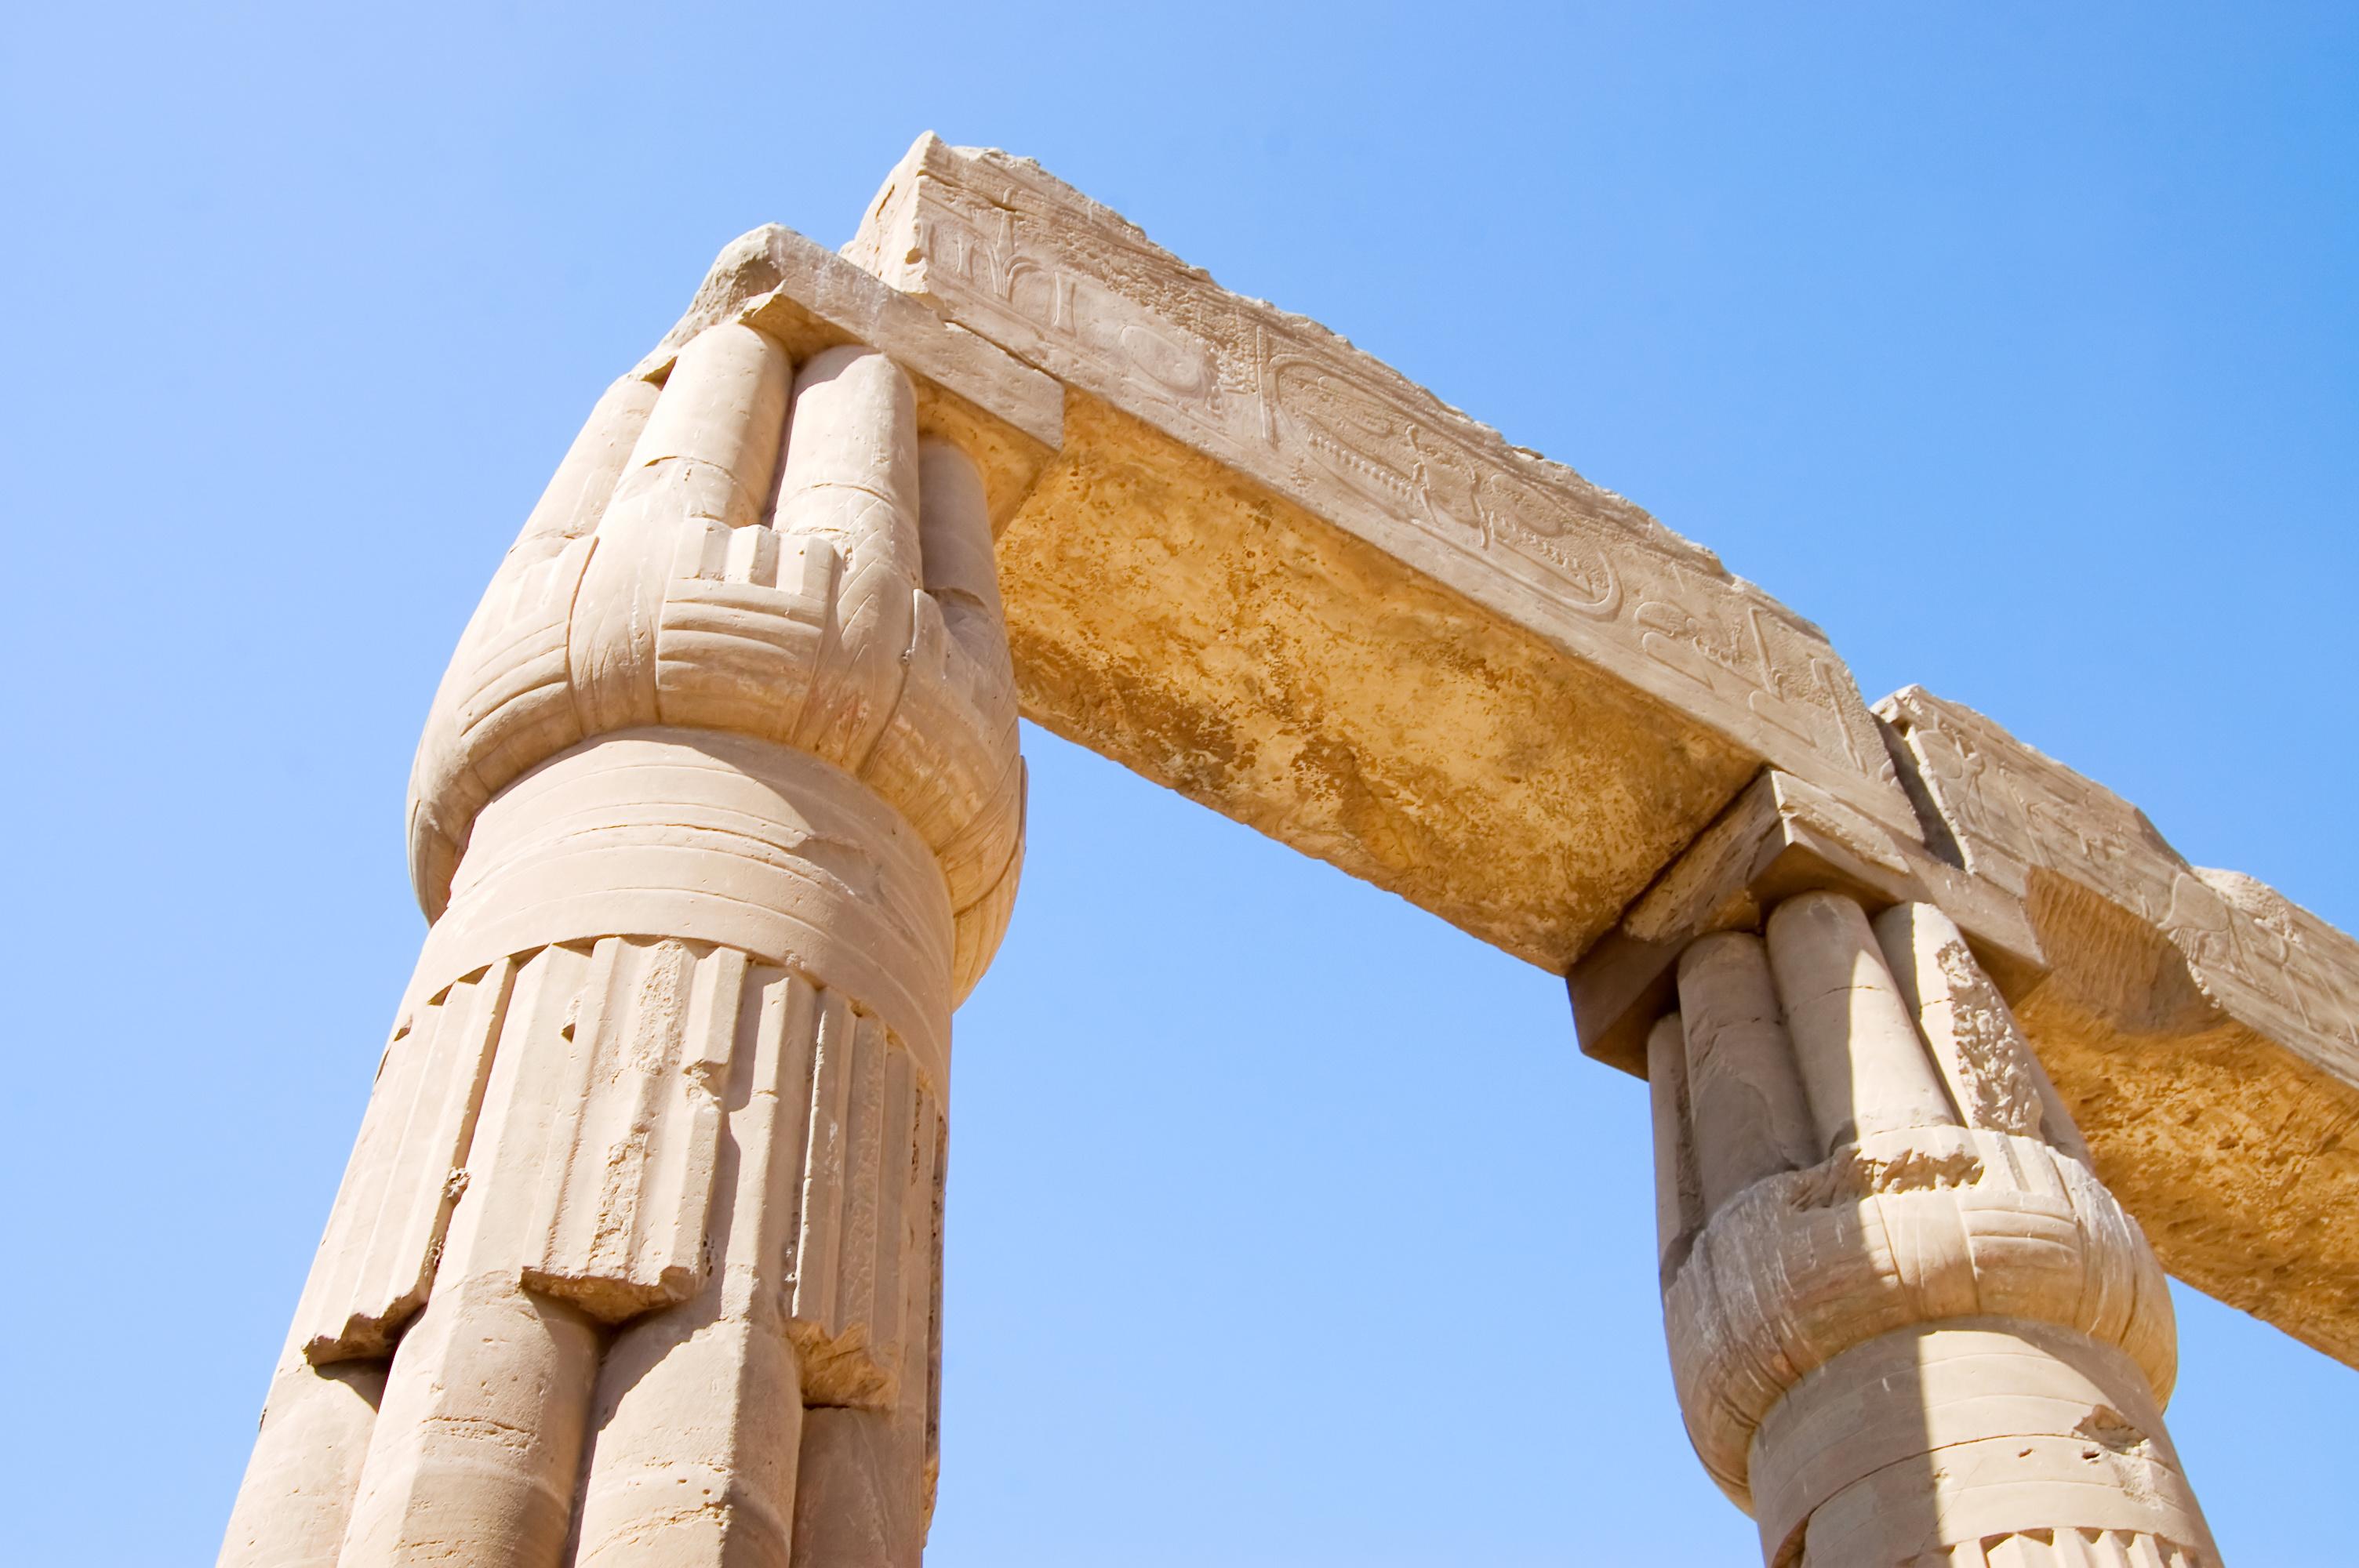 Columns at Karnak Temple, Luxor, Egypt